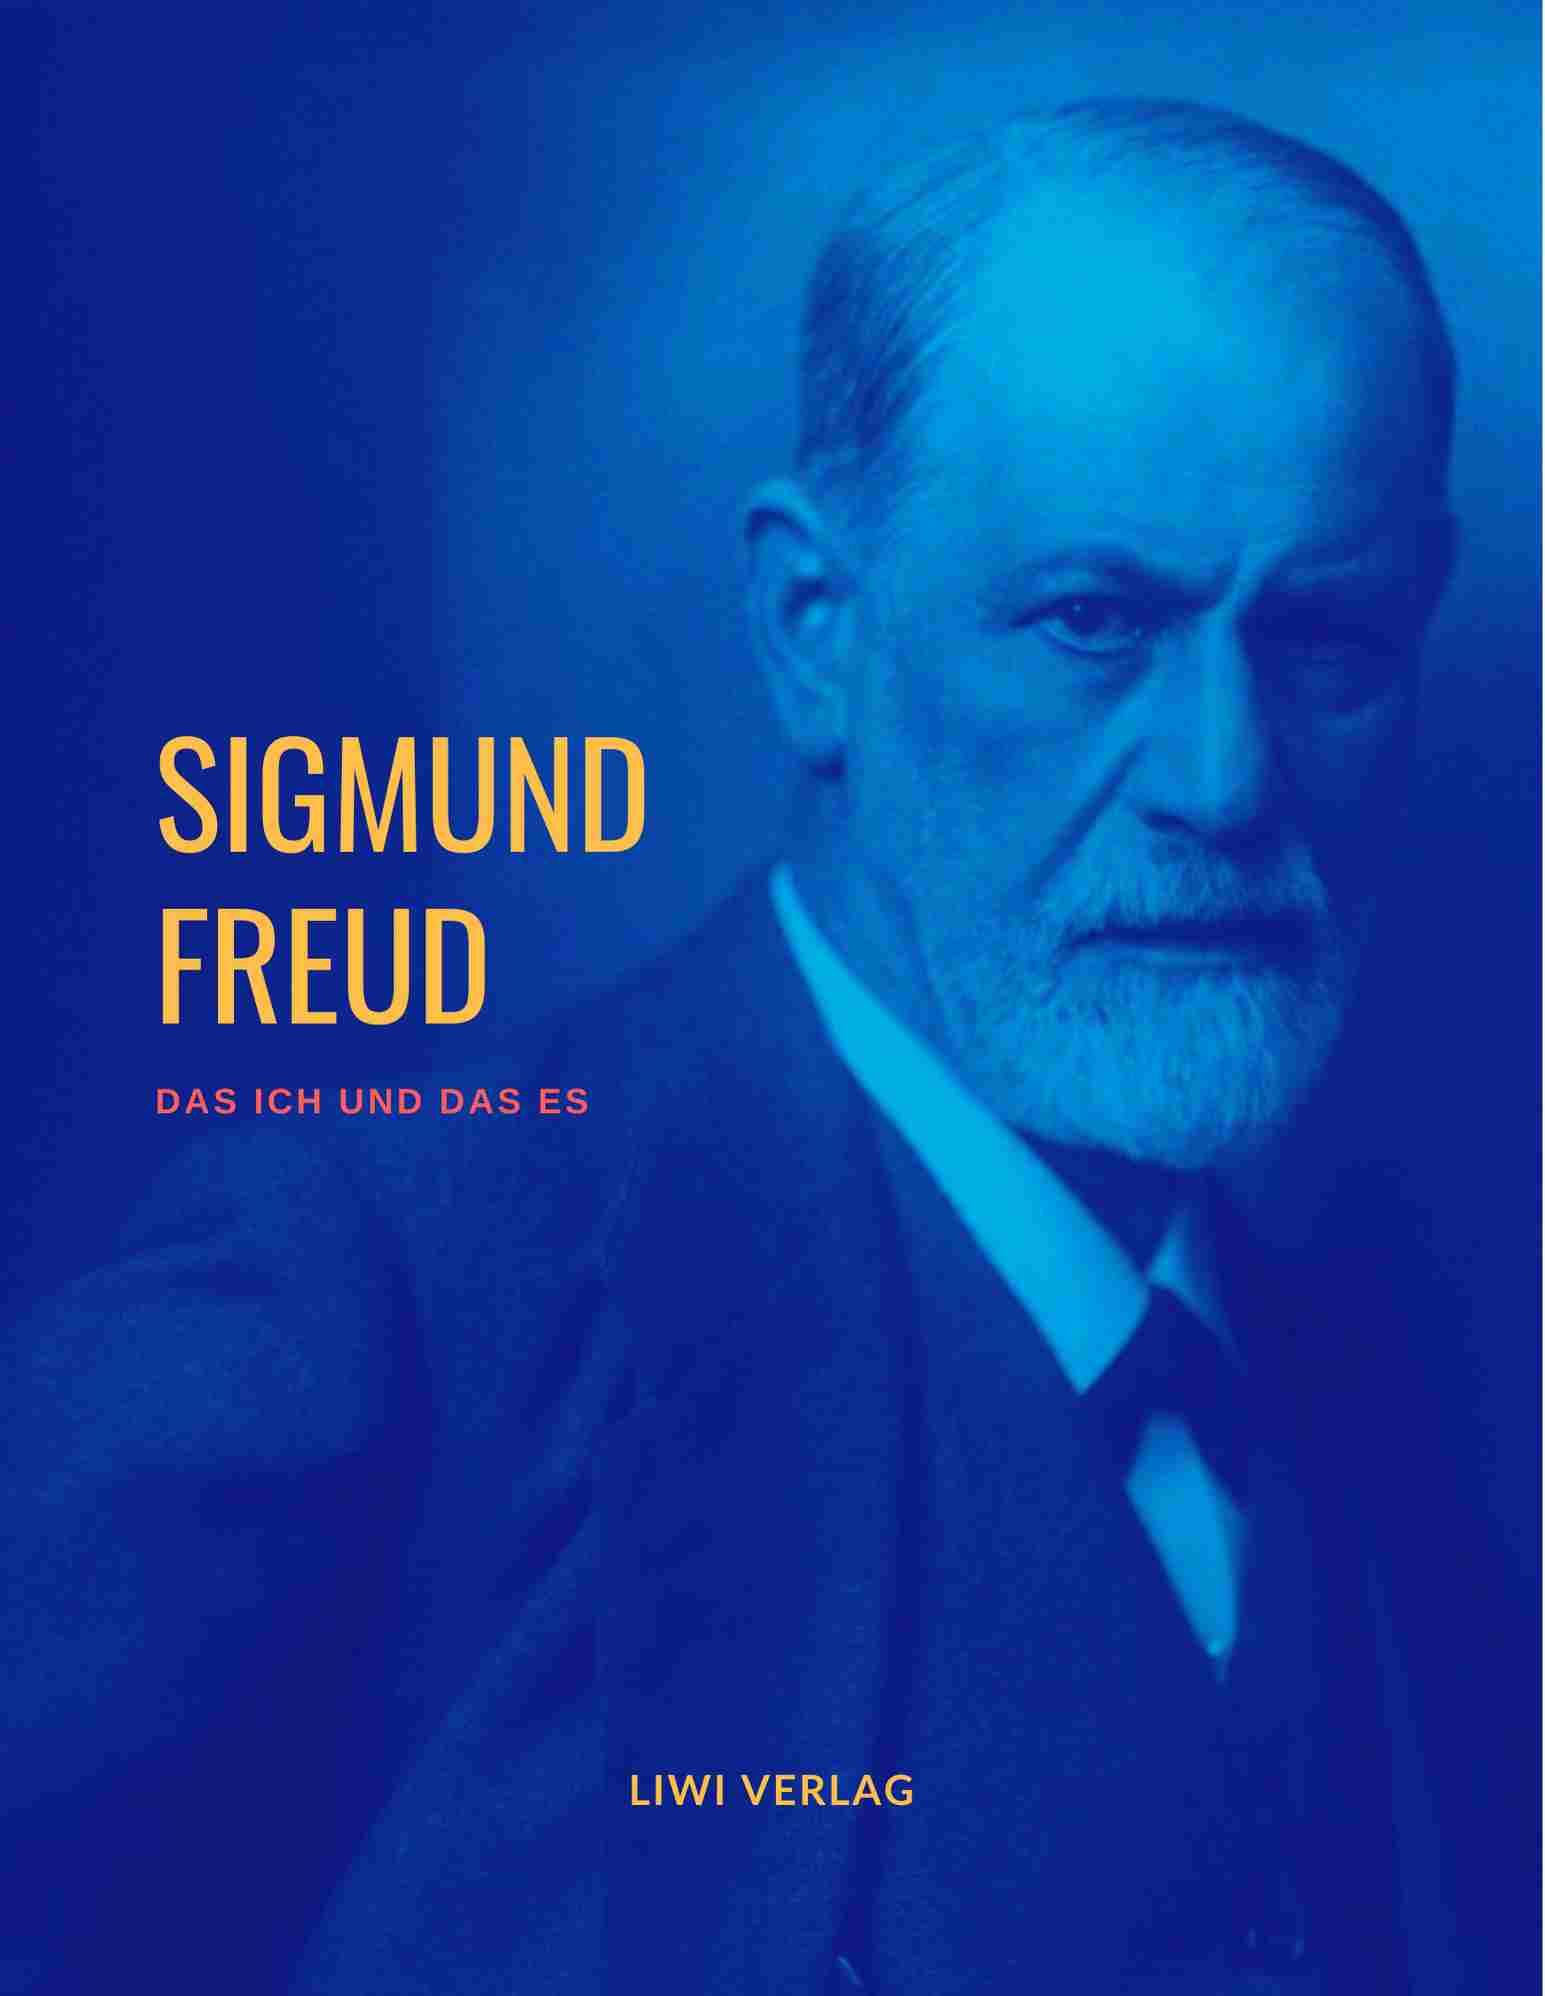 Sigmund Freud das ich und das es liwi verlag